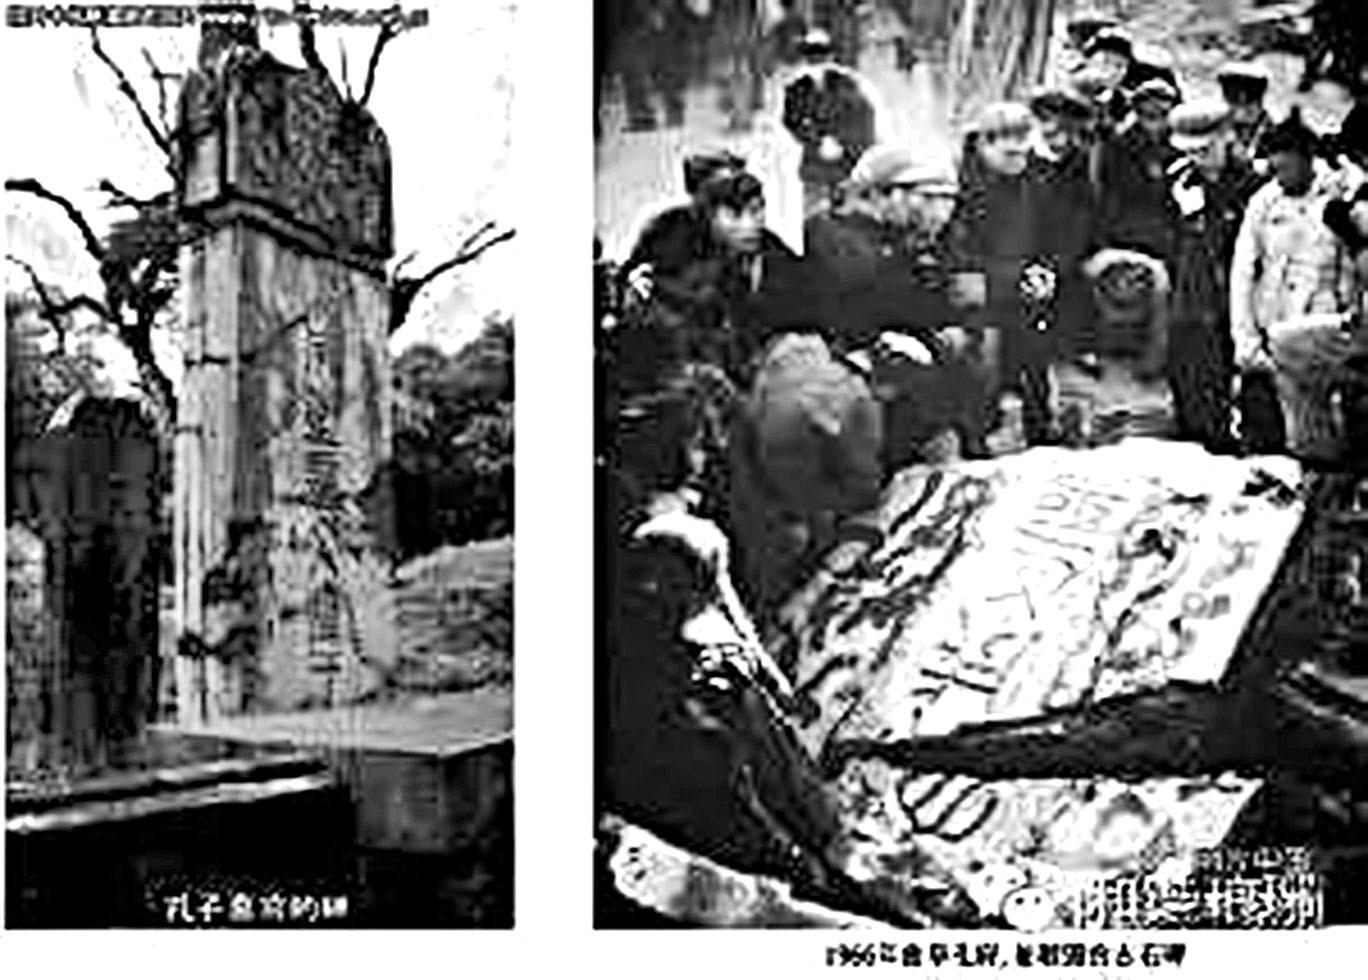 在中共文革「破四舊」運動中,中國儒家創始人孔子的墳墓被剷平,挖掘,「大成至聖先師文宣王」的大碑被砸得粉碎。(網絡圖片)